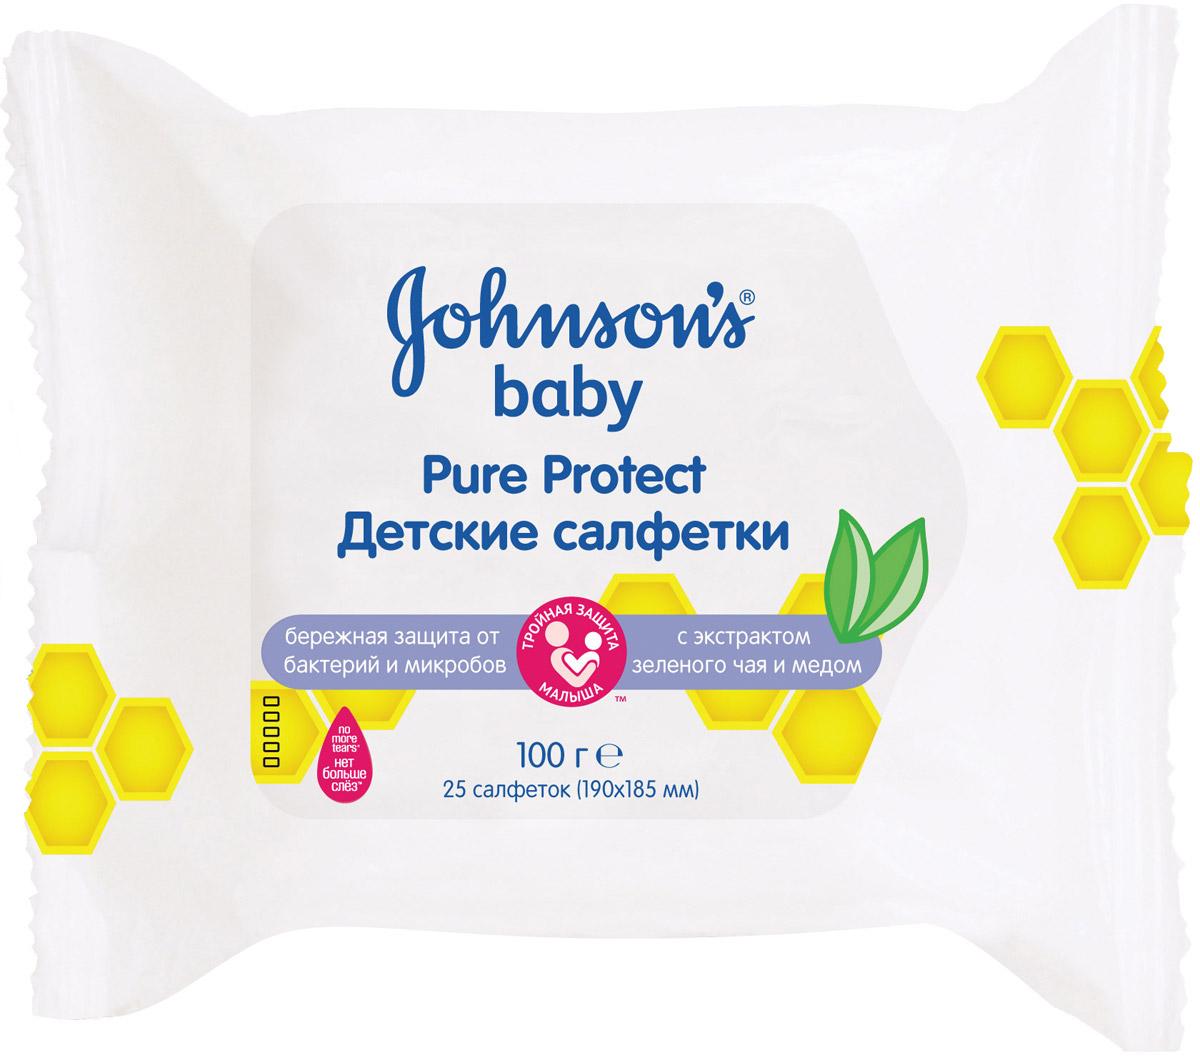 Johnsons baby Pure Protect Влажные салфетки 25 шт67004212Детские влажные салфетки JOHNSON'S Baby Pure Protect это удобный способ эффективно очистить и защитить руки, лицо и тело ребенка от грязи и микробов где бы Вы ни находились, оставаясь максимально нежными для кожи вашего ребенка. Детские влажные салфетки JOHNSON'S Baby Pure Protect пропитаны уникальным увлажняющим лосьоном с формулой Нет больше слез, который обогащен натуральными ингредиентами, включая экстракт зелёного чая. Идеальны для ежедневного применения. Они настолько деликатны, что могут использоваться для всего тела ребенка и даже для чувствительной кожи вокруг глазок.Гипоаллергенны. Без мыла и спирта. *Формула создана для сведения к минимуму риска аллергии.Особенности состава: С экстрактом зеленого чая и меда